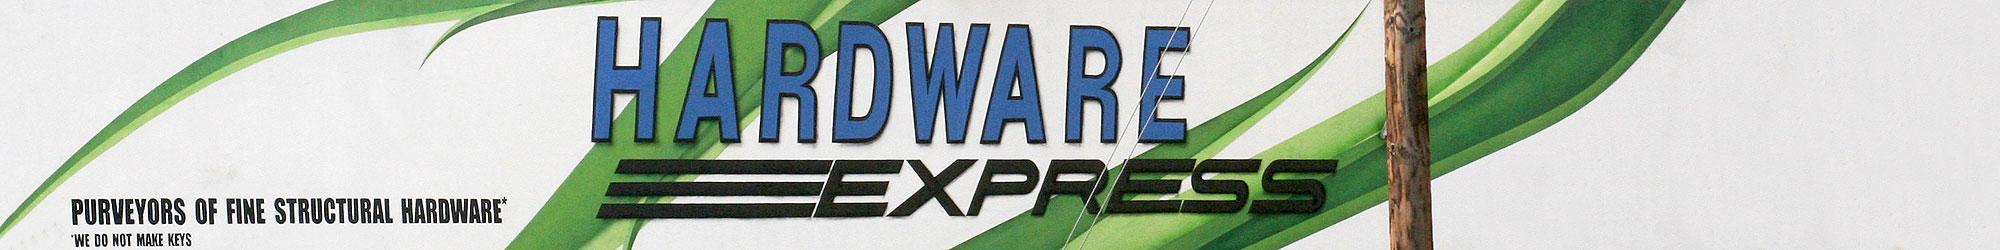 Hardware Express storefront banner.